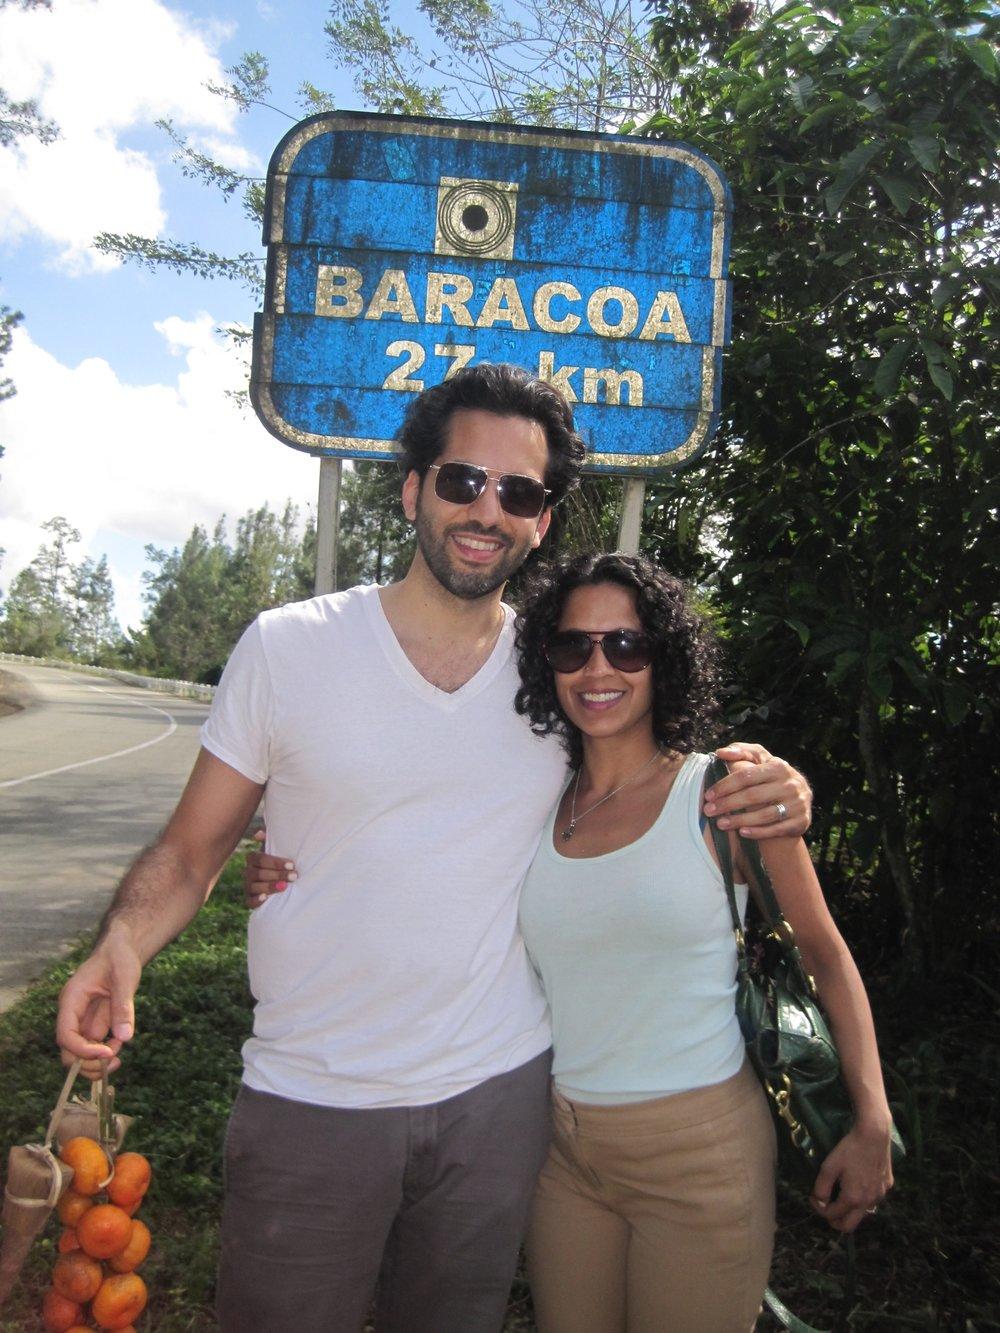 Personal Photo, La Farola en route to Baracoa